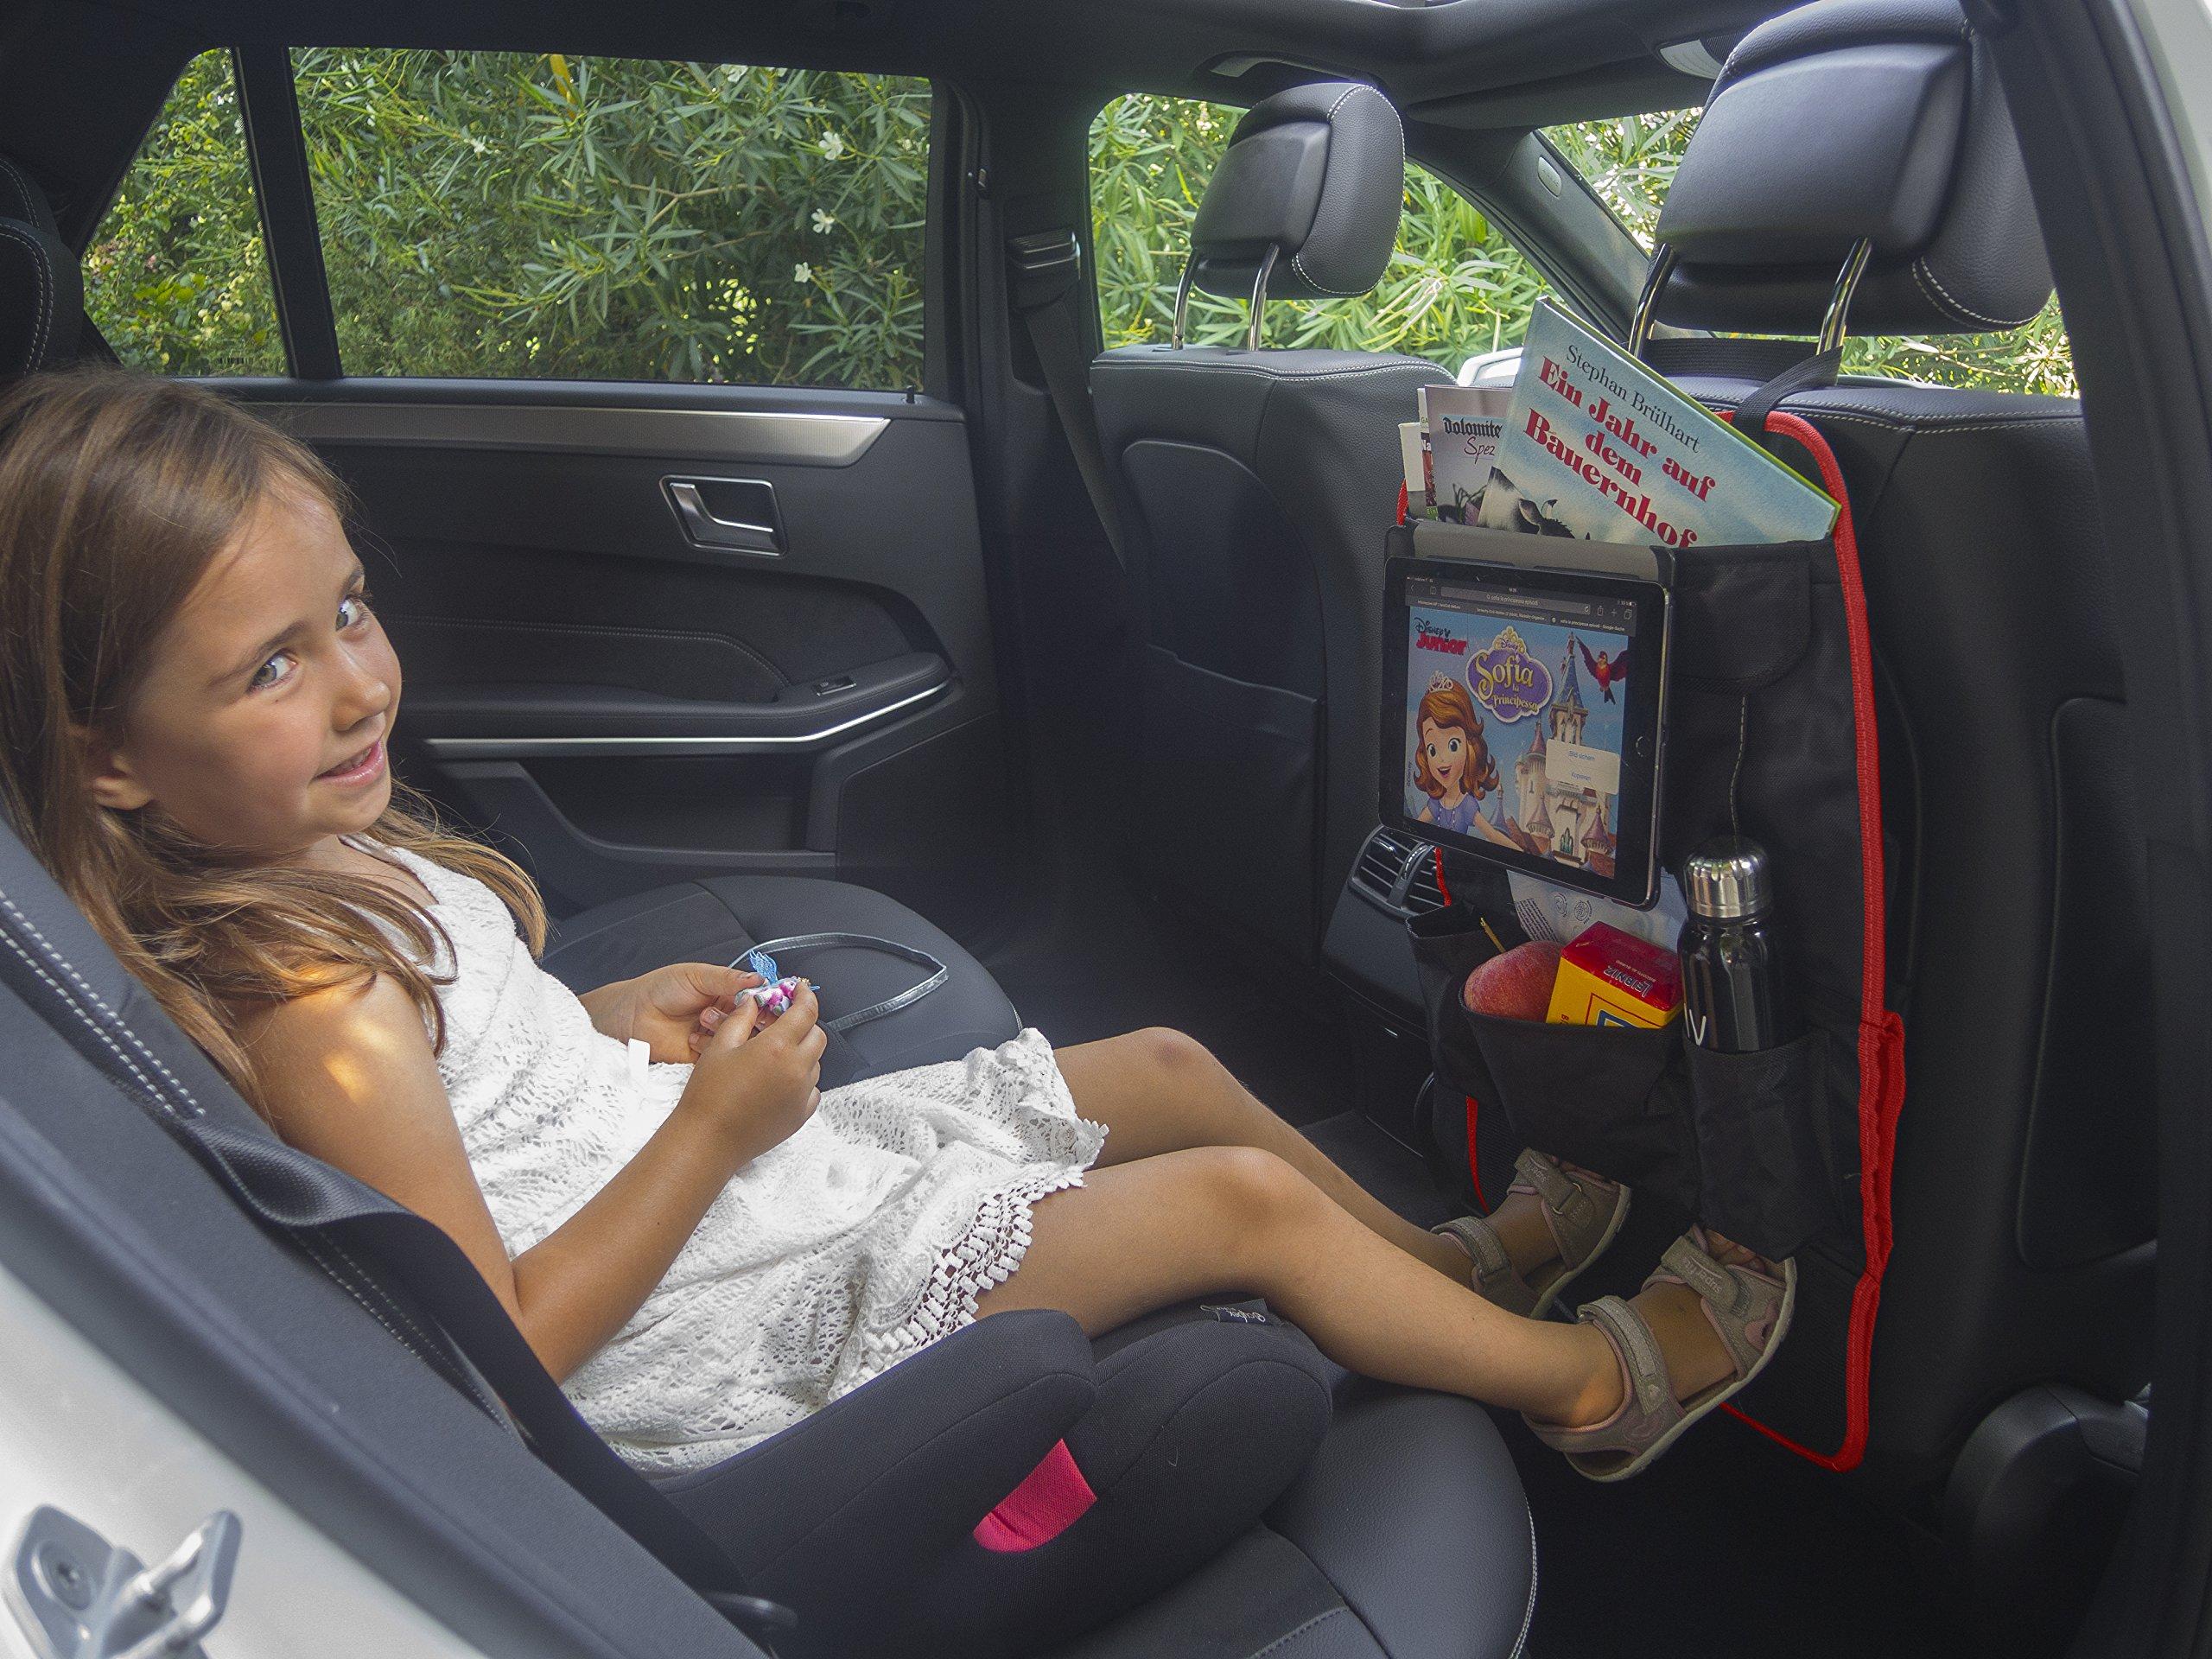 Protector asiento coche | organizador multi-bolsillos | MYCARCADDY TO GO | kick mat para ninos | evita arañazos y daños en el respaldo del asiento | con bolsillo para I-PAD tablet | NEGRO/ROJO